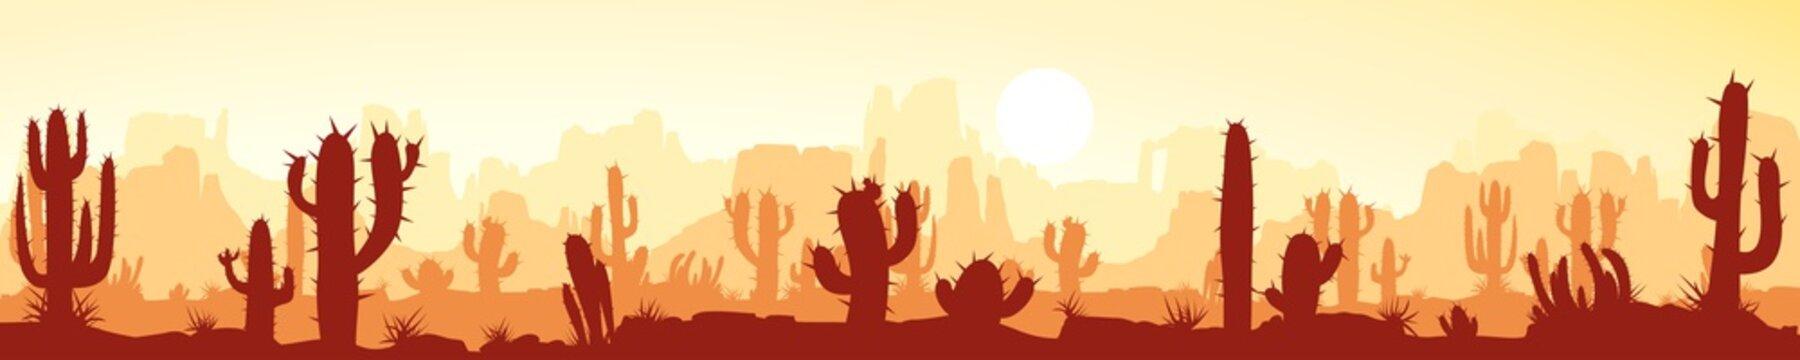 wide image of desert landscape